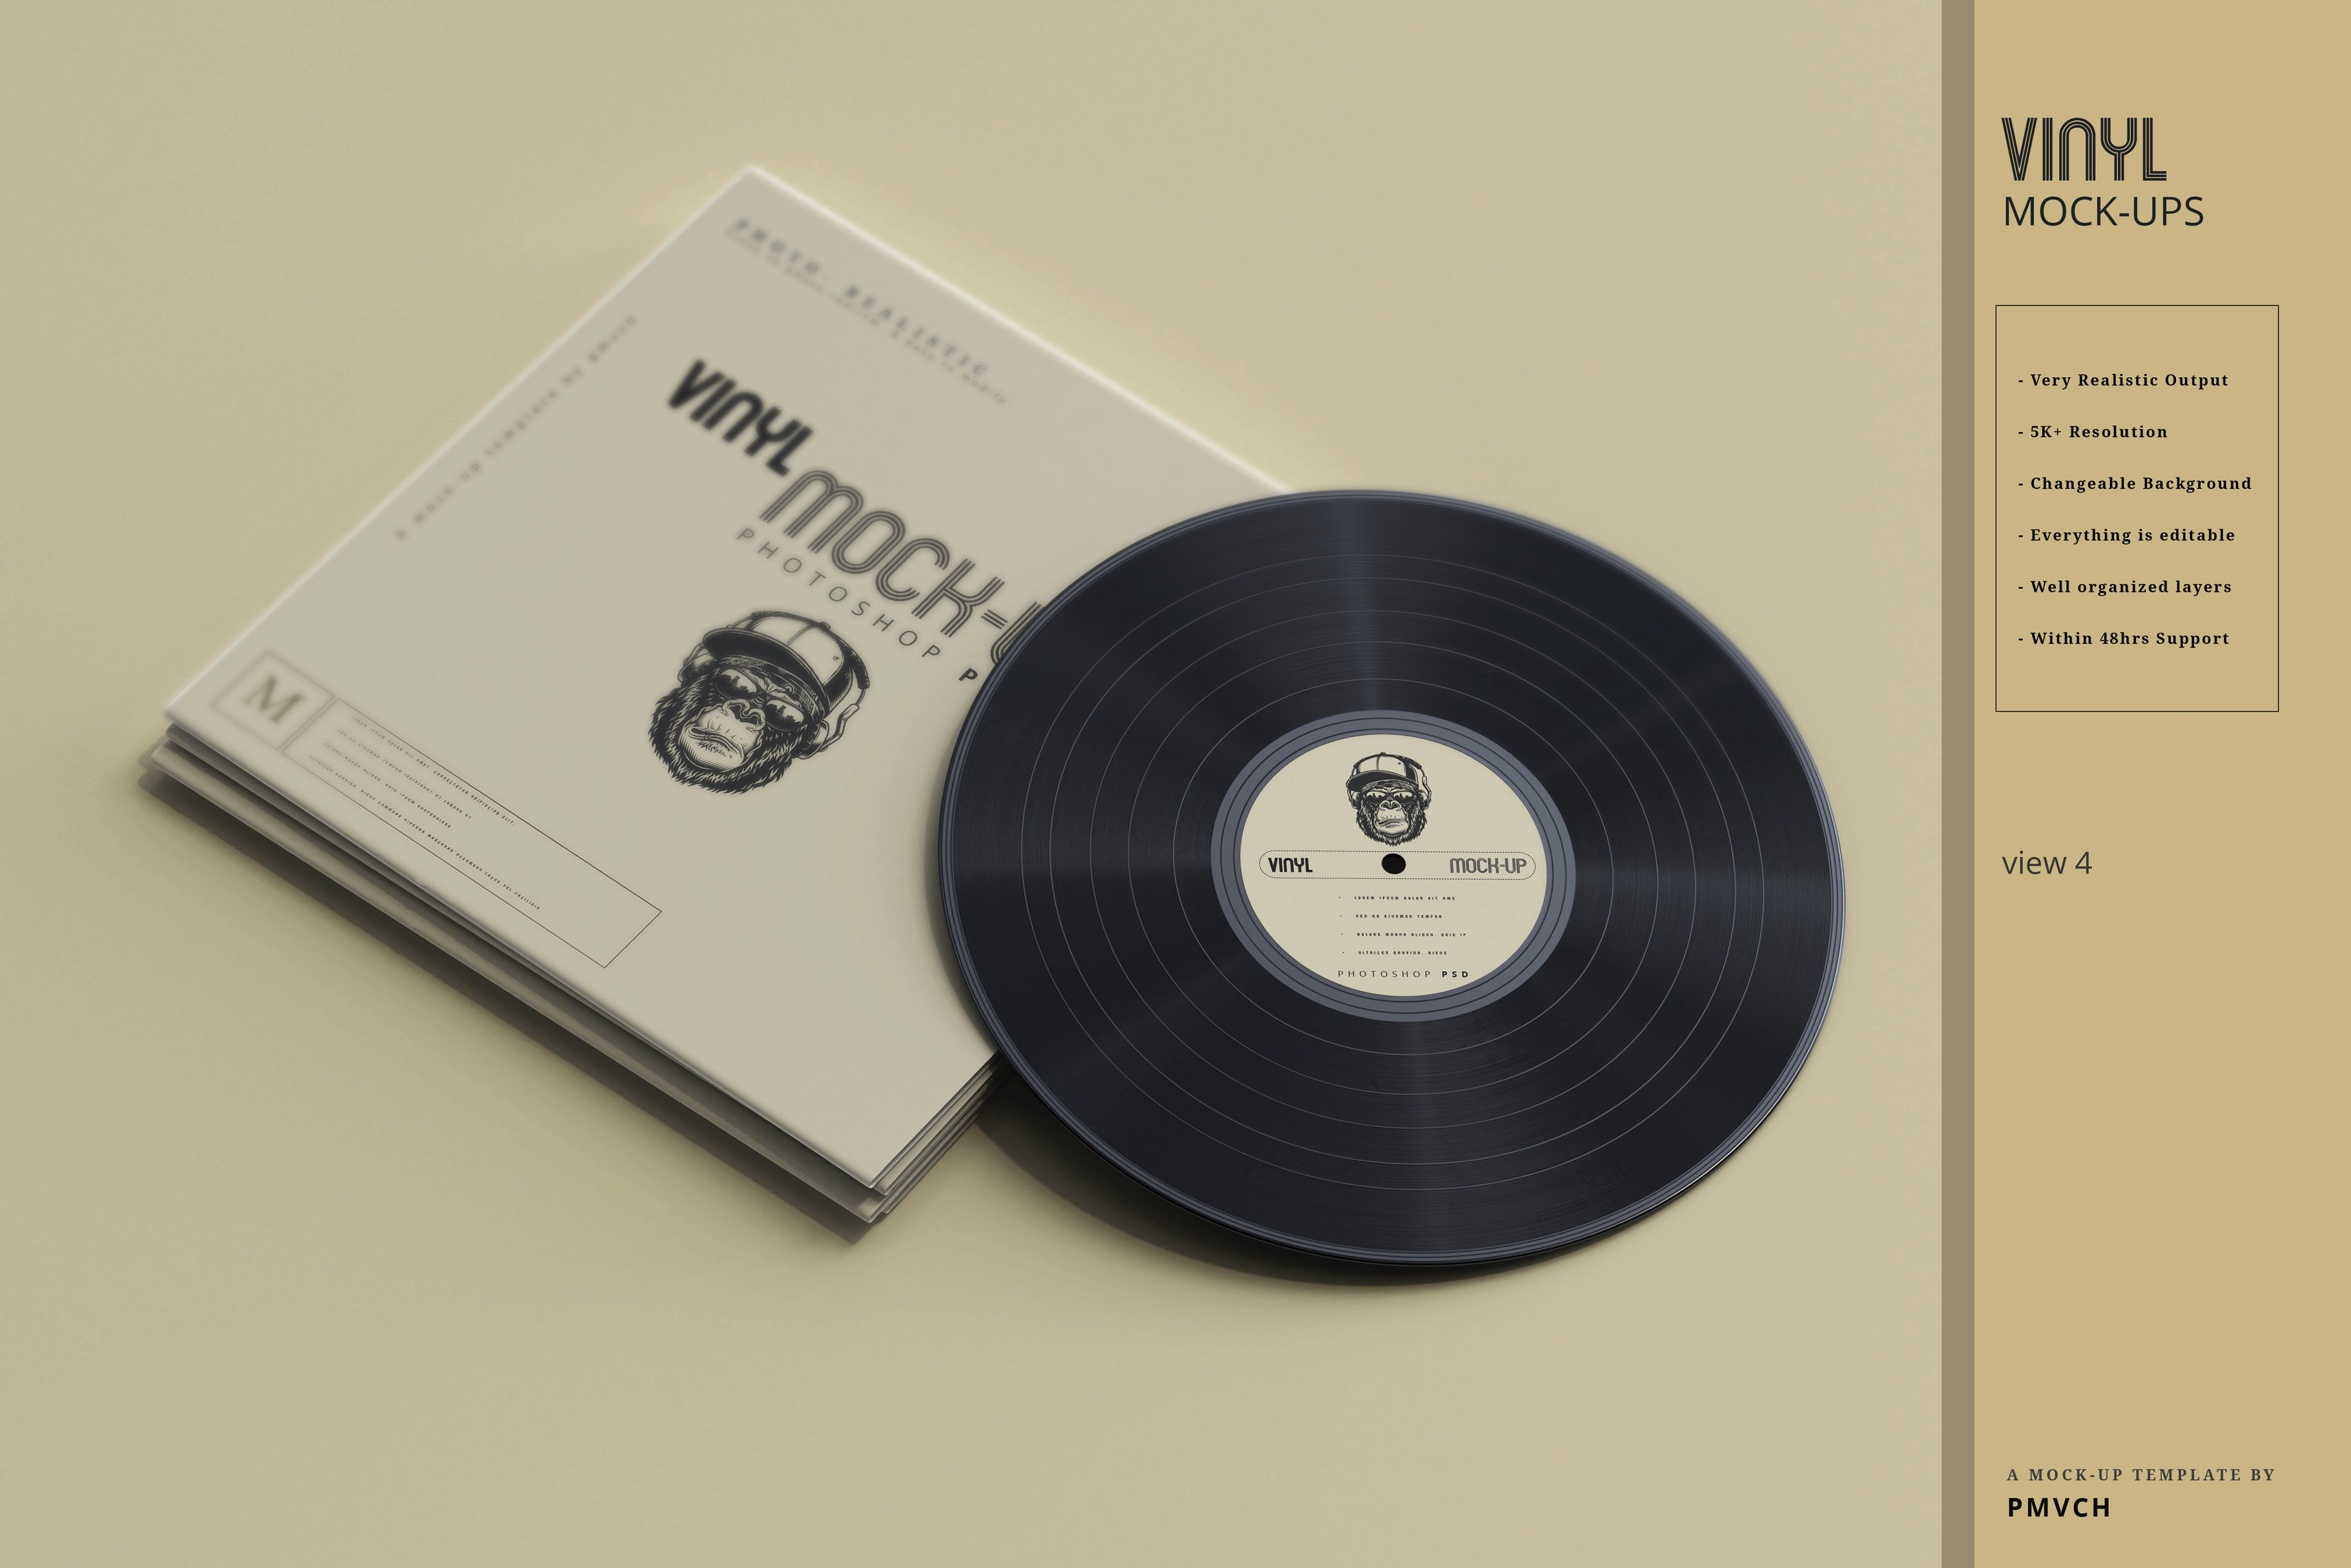 复古逼真黑胶唱片包装纸袋设计贴图样机模板 Vinyl Mockups插图(3)